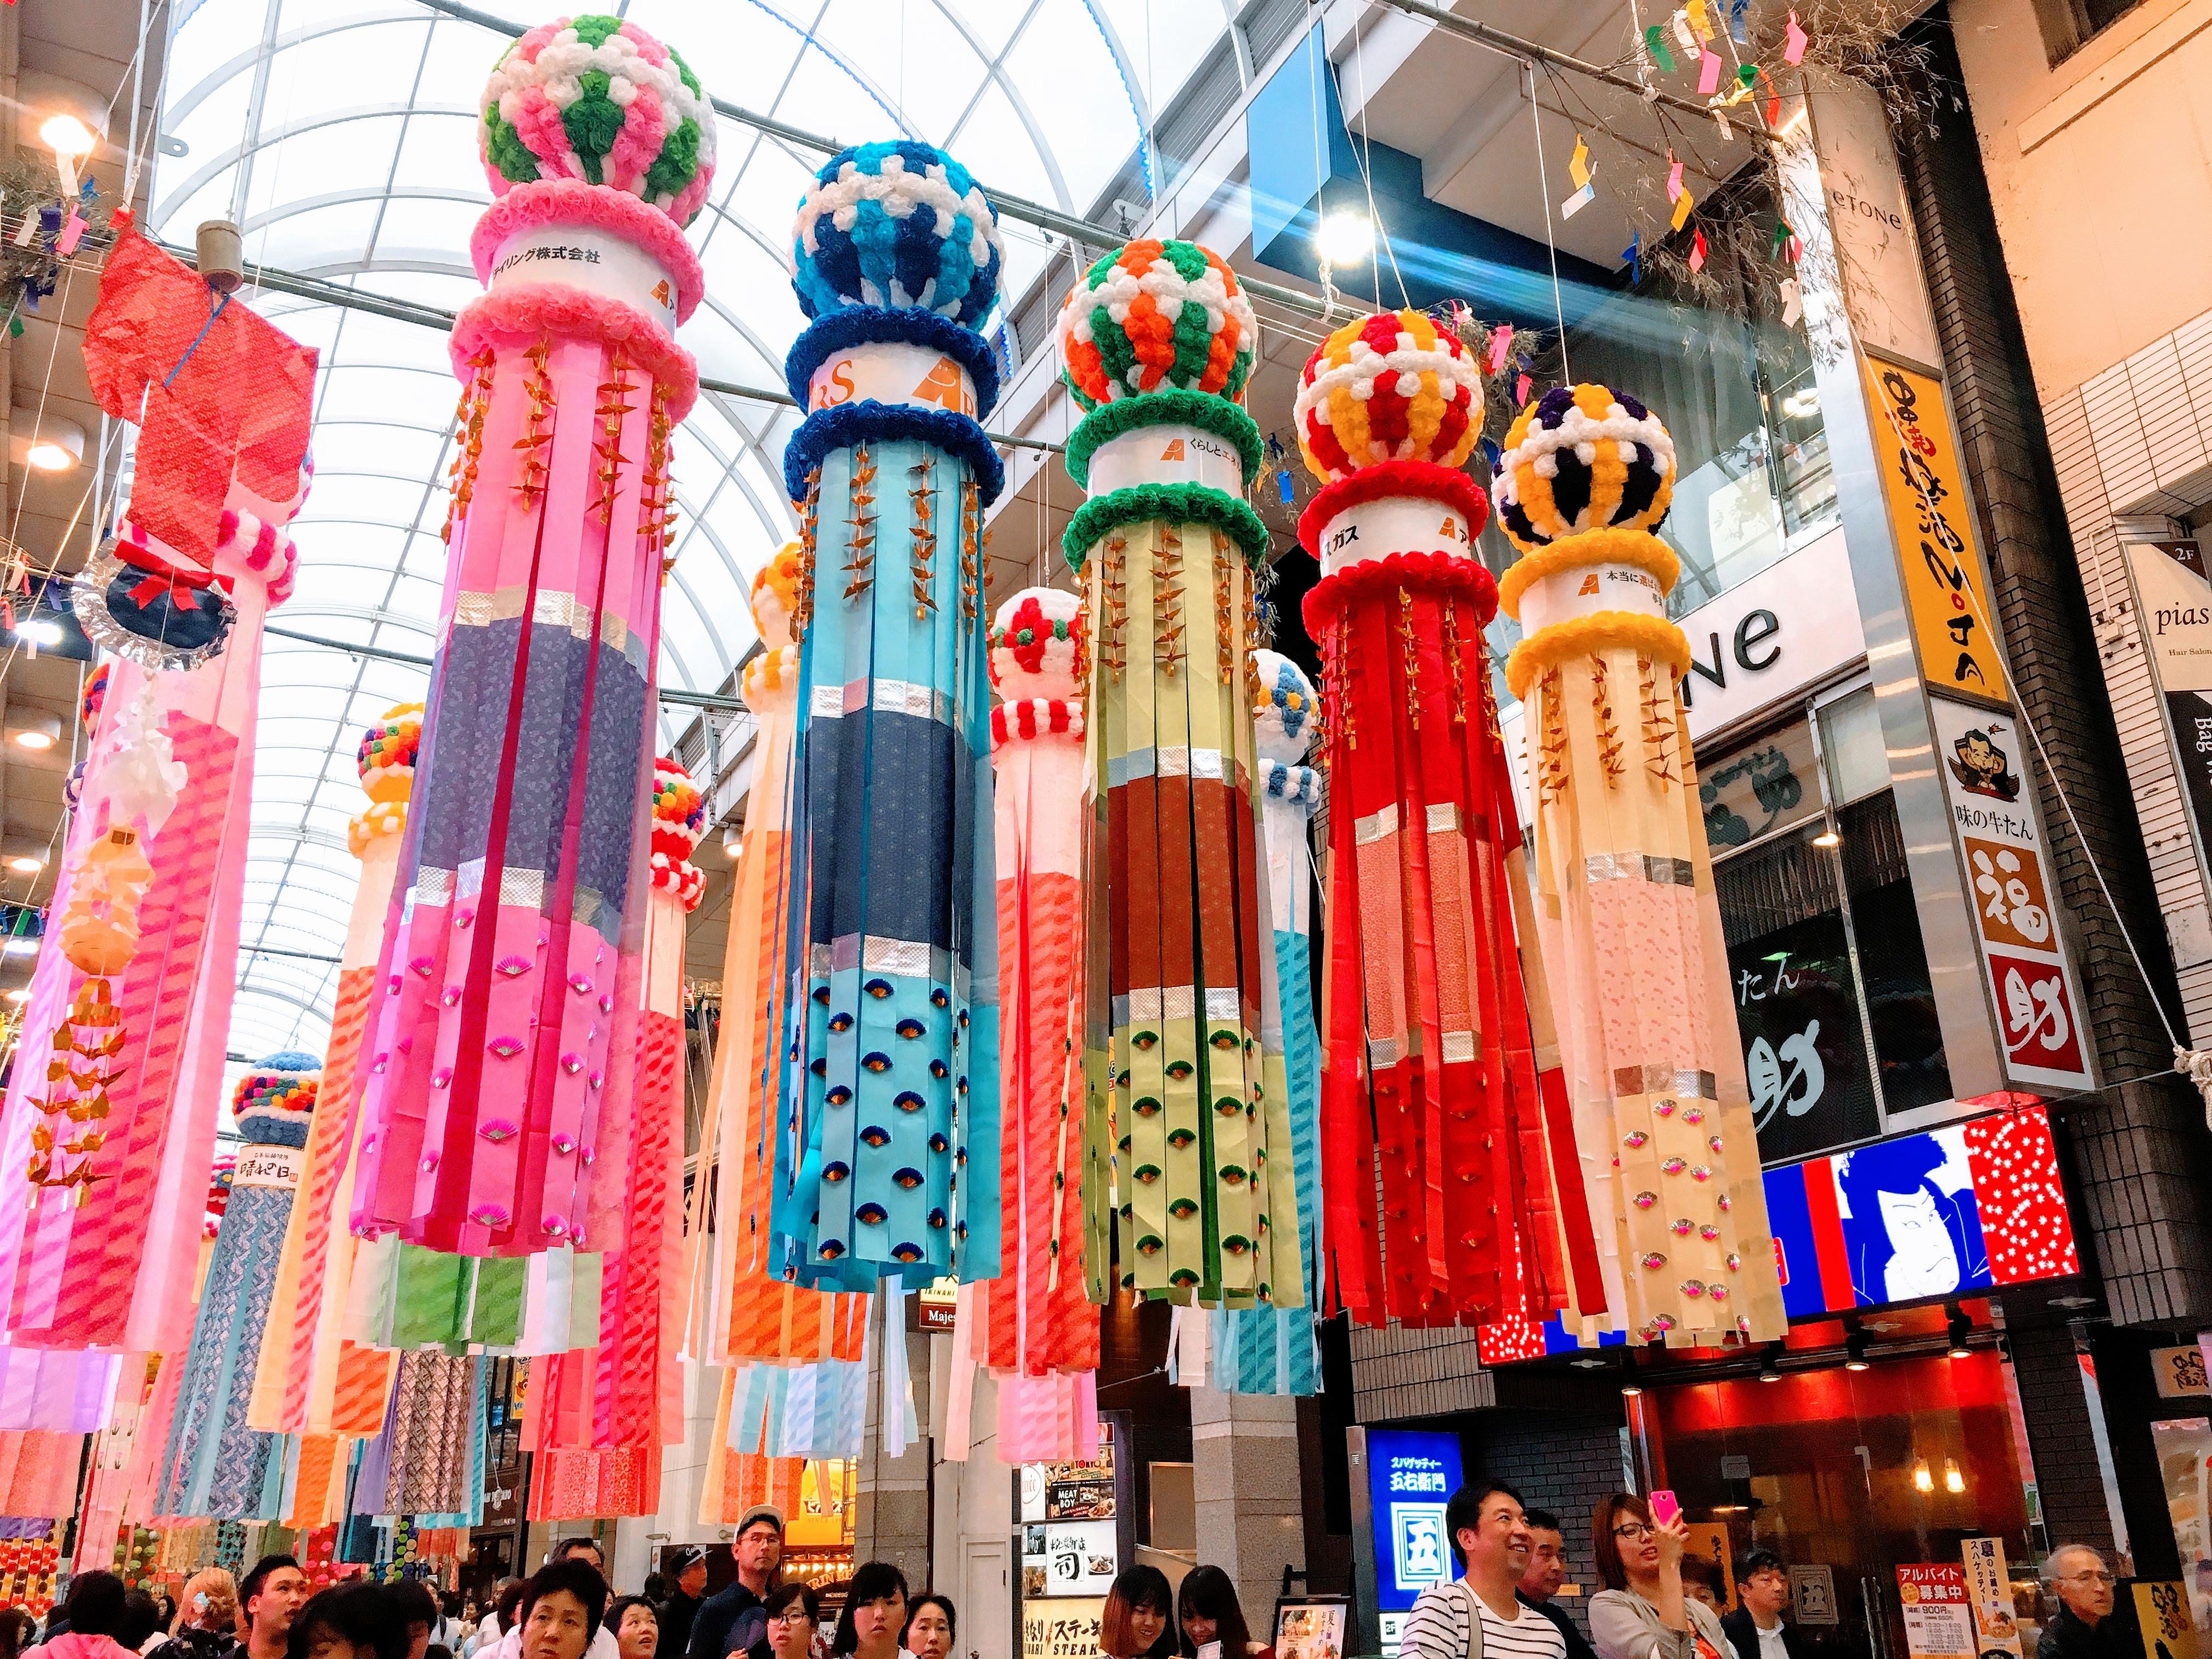 一年一度仙台七夕祭,巨型燦爛吊飾滿載夏日風情